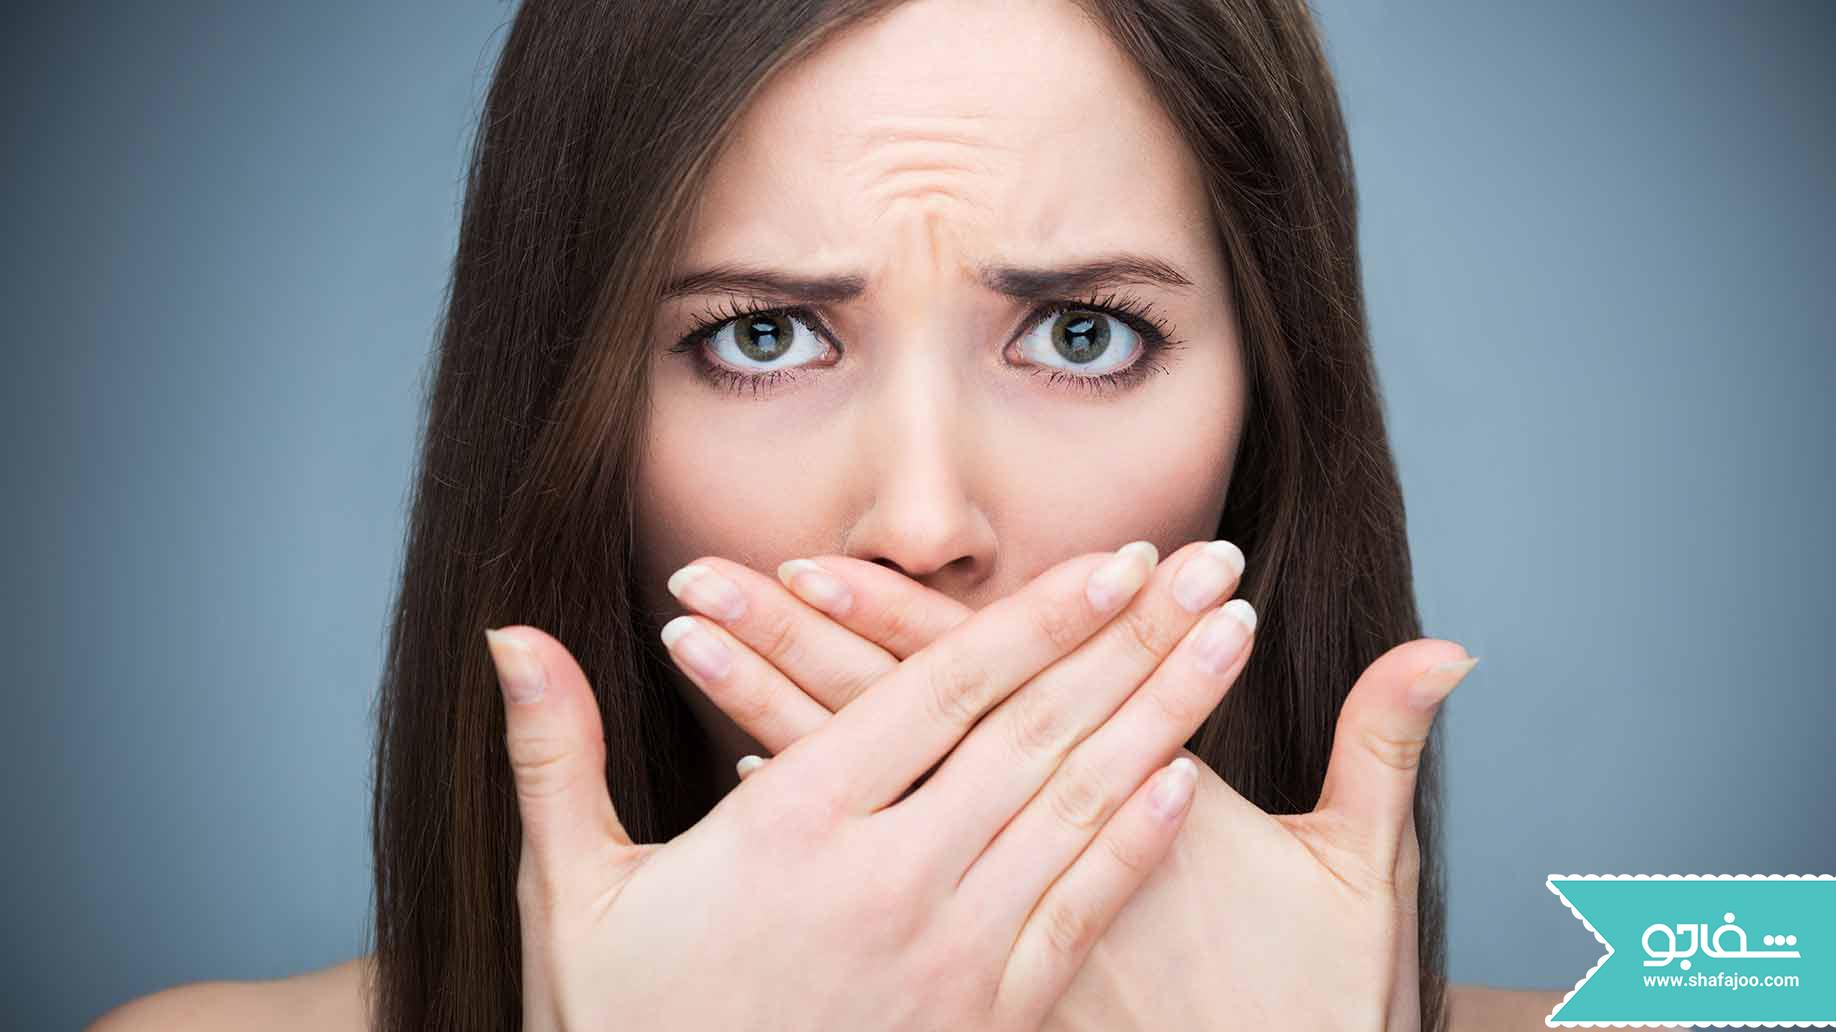 چه چیزی باعث بوی بد دهان میشود؟ درمان و پیشگیری آن